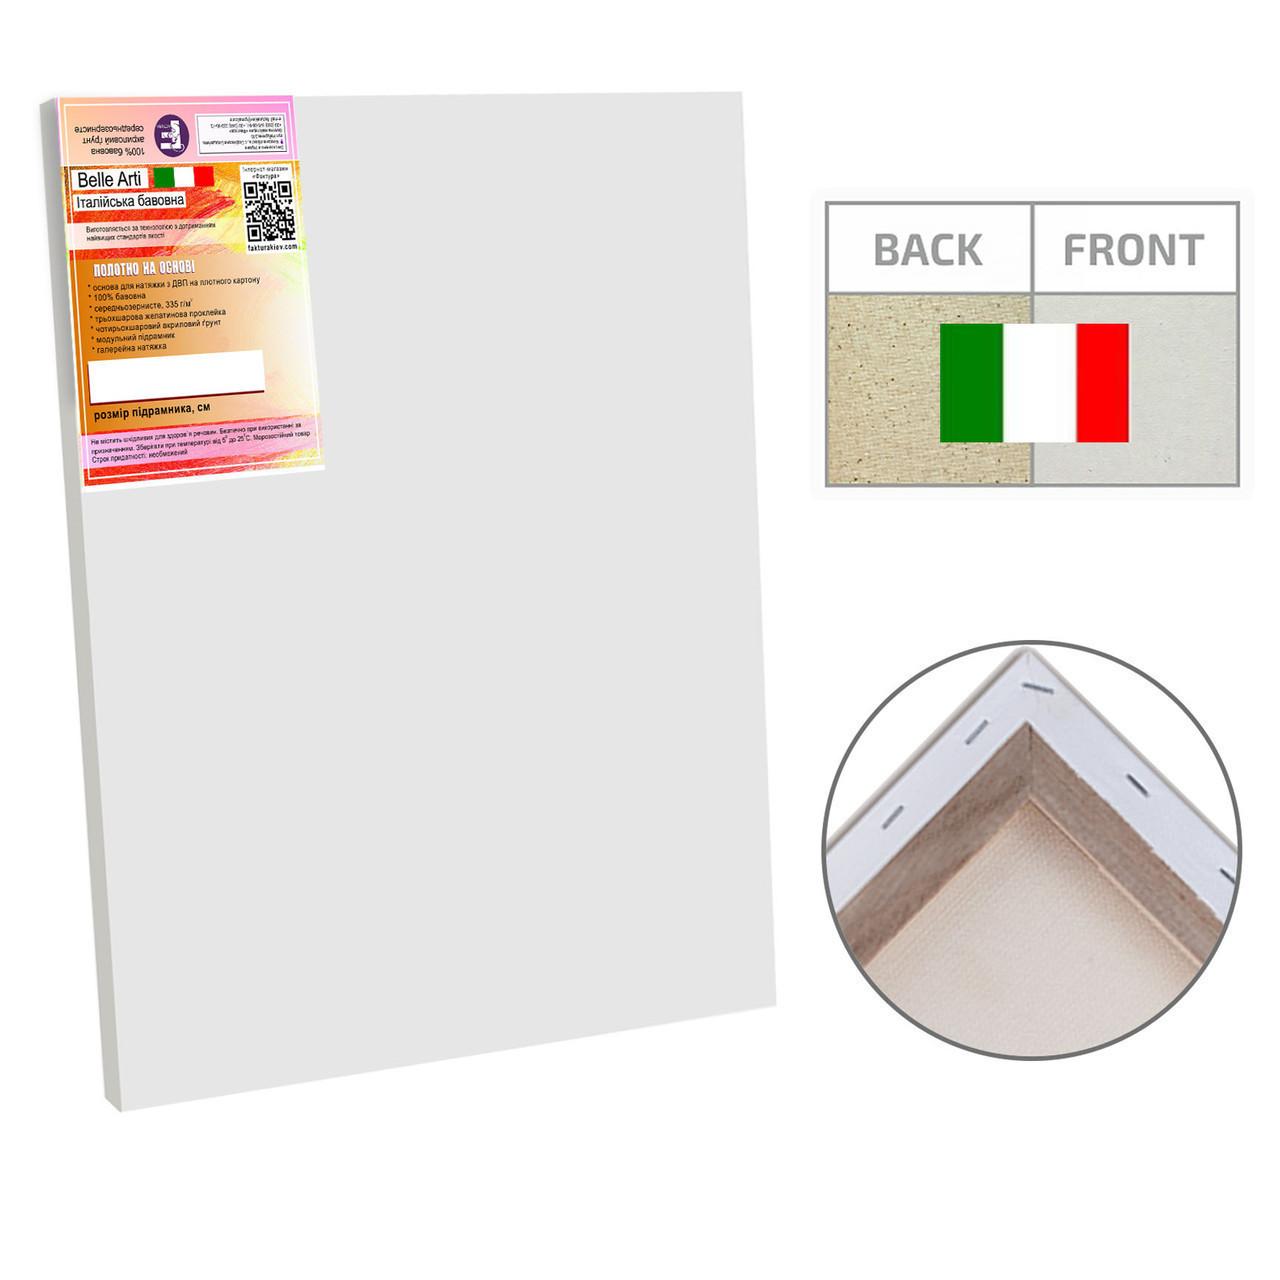 Холст на подрамнике Factura BelleArti 50х60 см Итальянский хлопок 285 грамм кв.м. среднее зерно белый